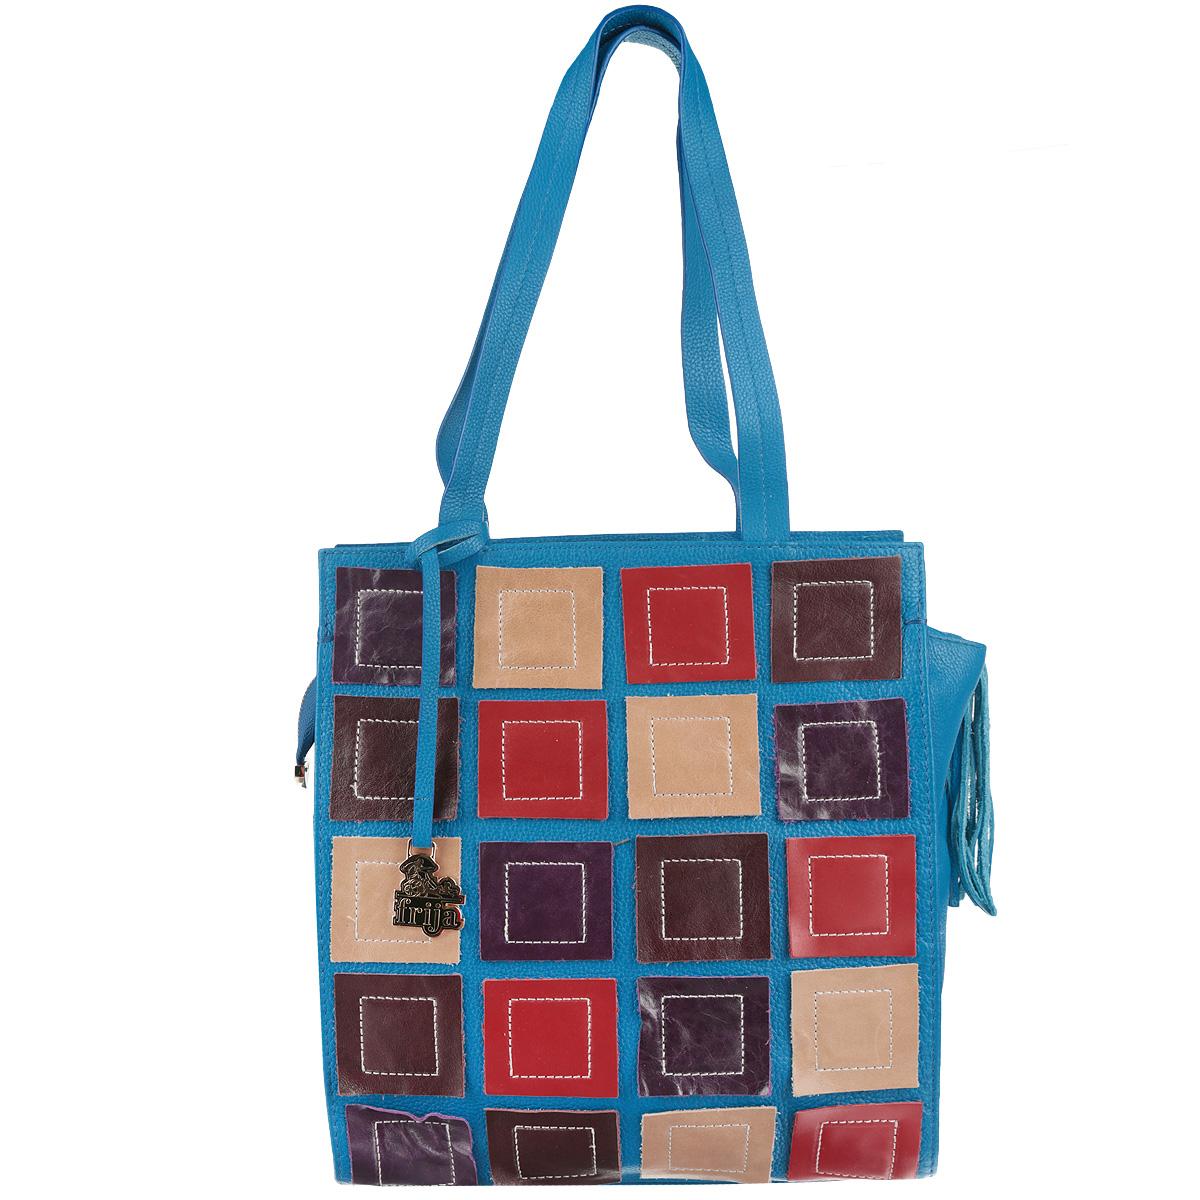 Сумка женская Frija, цвет: голубой, синий, красный. 21-0111-1310931-1Оригинальная женская сумка Frija изготовлена из натуральной кожи и оформлена яркими элементами из натуральной кожи, нашитыми на лицевую часть изделия. Сумка дополнена кистью из натуральной кожи, которая закреплена на бегунке молнии, а также подвеской с изображением логотипа производителя.Изделие содержит одно главное отделение, закрывающееся на застежку-молнию, внутри которого расположены два накладных кармана для телефона и мелочей и вшитый карман на молнии. Снаружи, в задней стенке сумки, размещен вшитый карман на молнии. Сумка дополнена двумя практичными ручками, которые позволять носить ее как в руках, так и на плече. Дно сумки оснащено металлическими ножками, которые защитят его от повреждений и продлят срок службы изделия.Такая сумка прекрасно дополнит ваш повседневный образ.